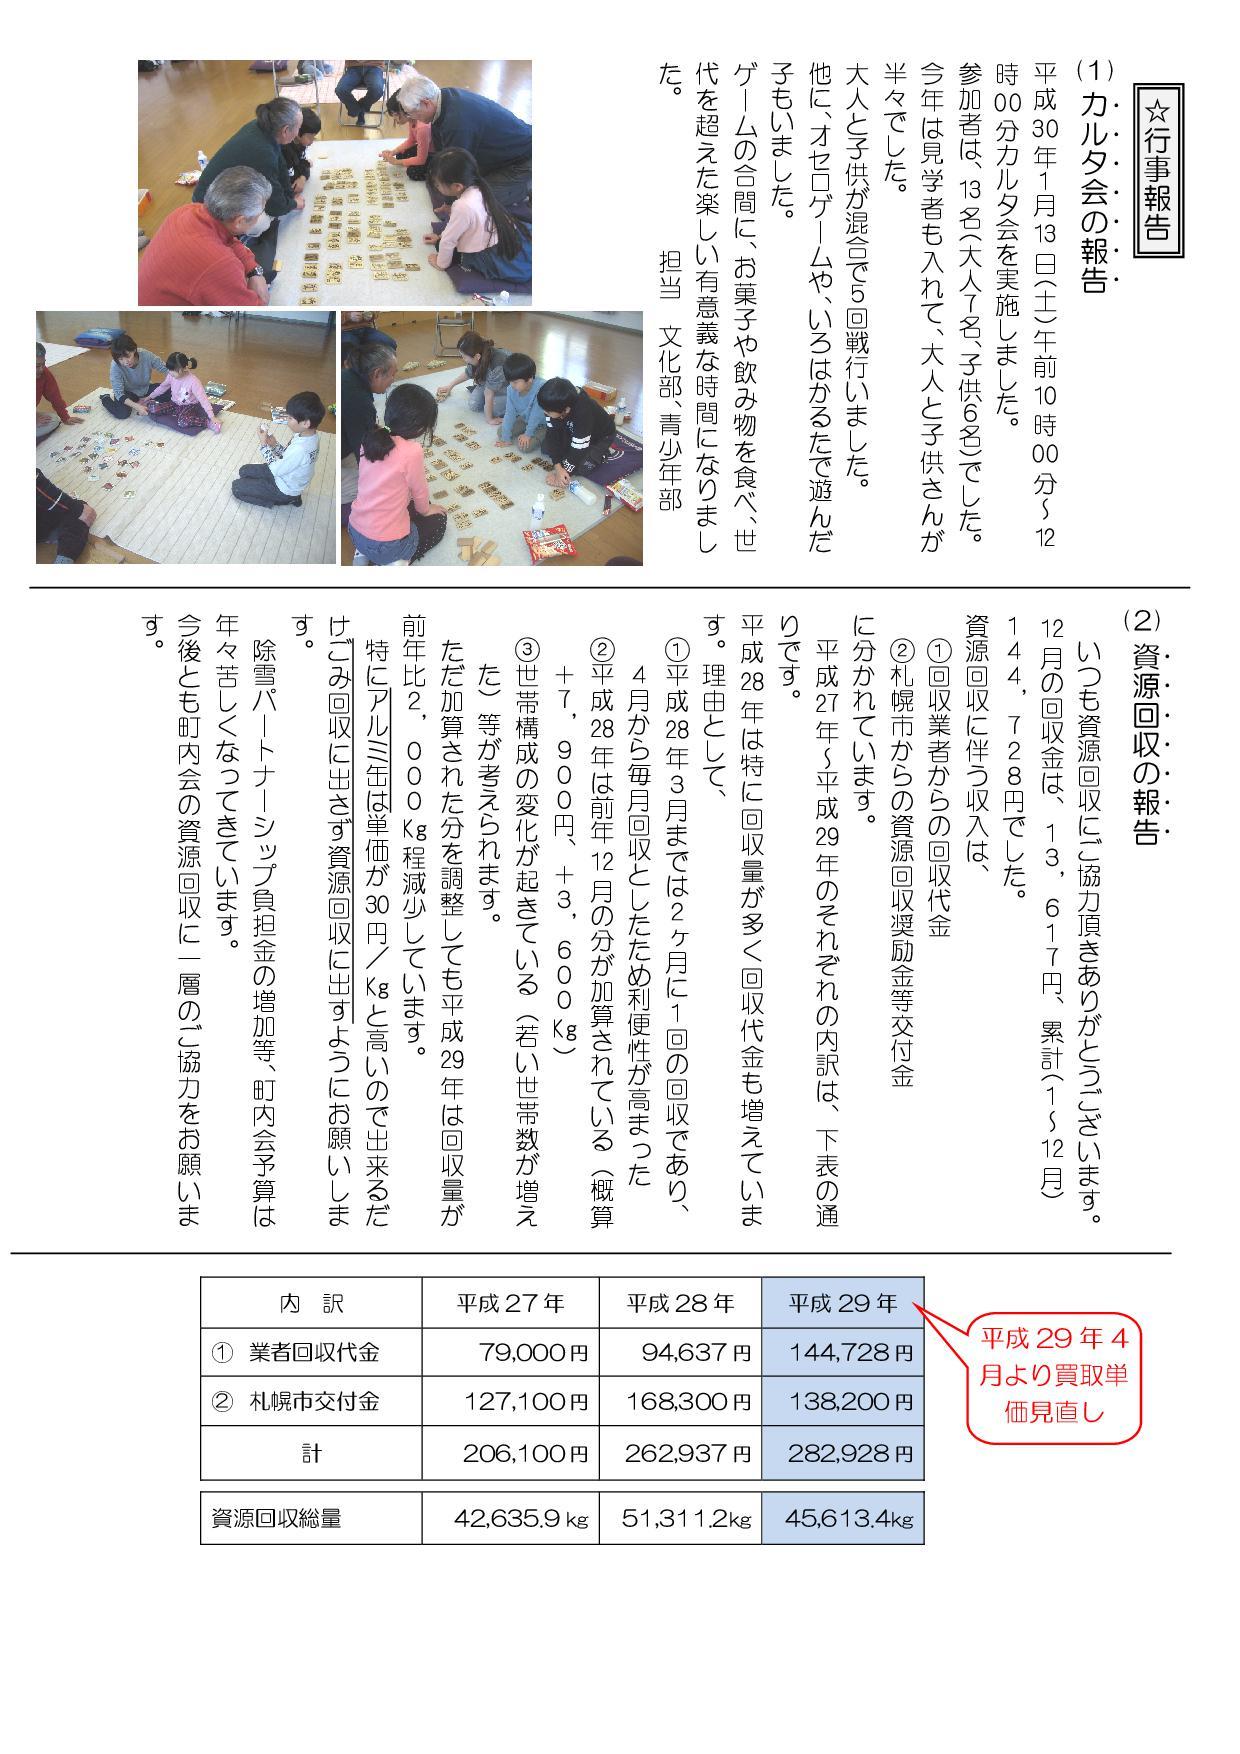 http://sumikawa.info/asahidai/2%E6%9C%88%E5%8F%B71-002.jpg